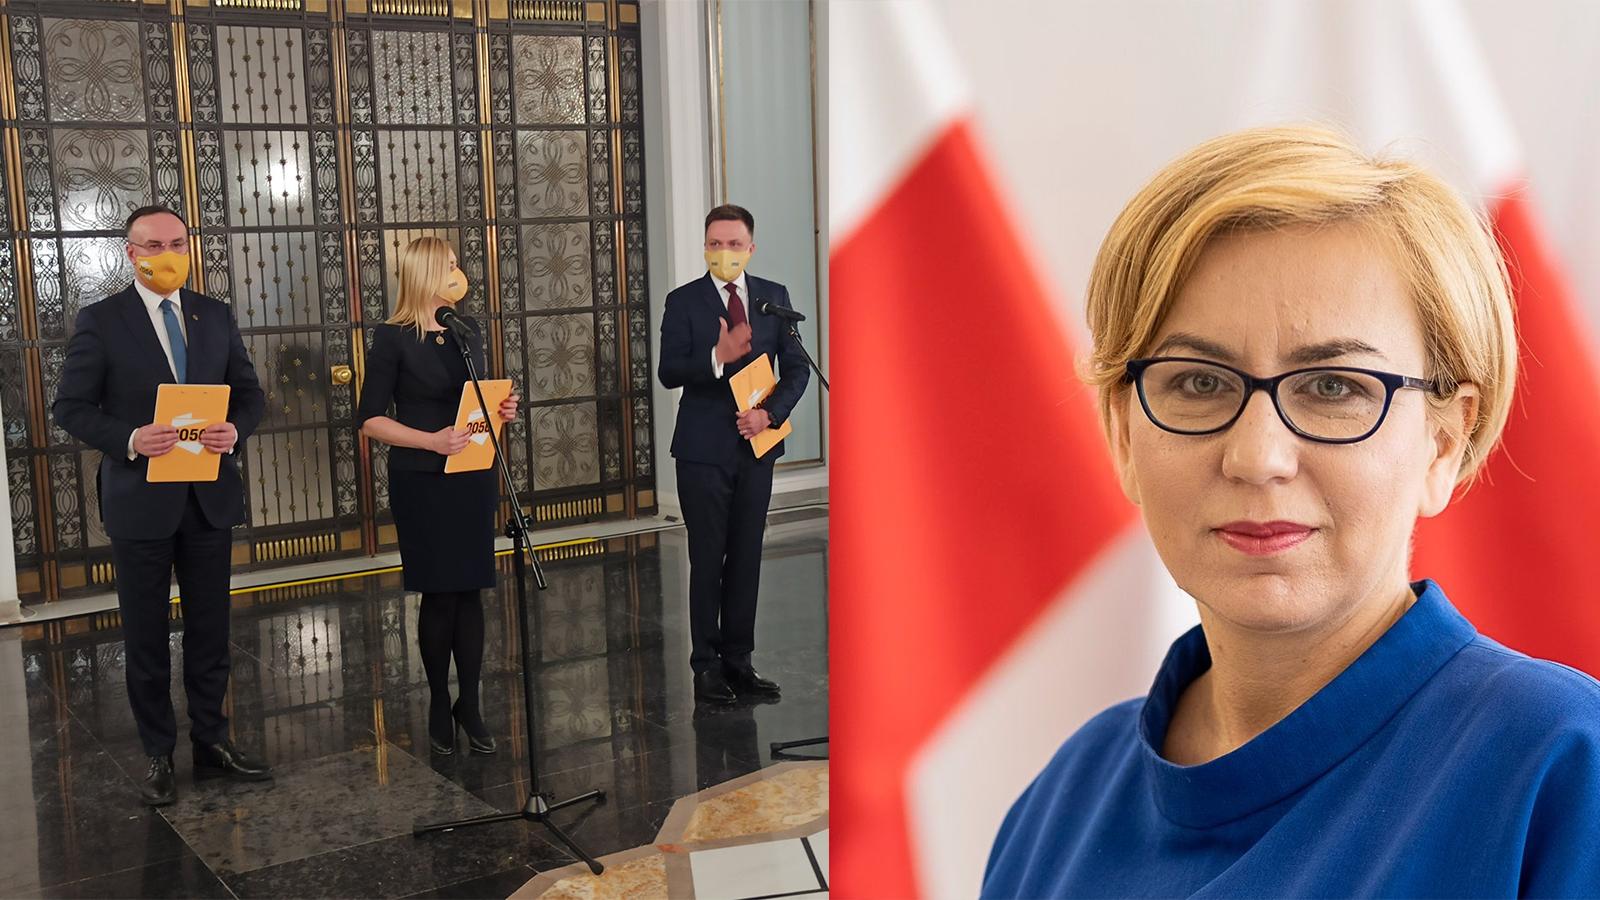 [PILNE] Hennig-Kloska z KO jednak przechodzi do Polski 2050